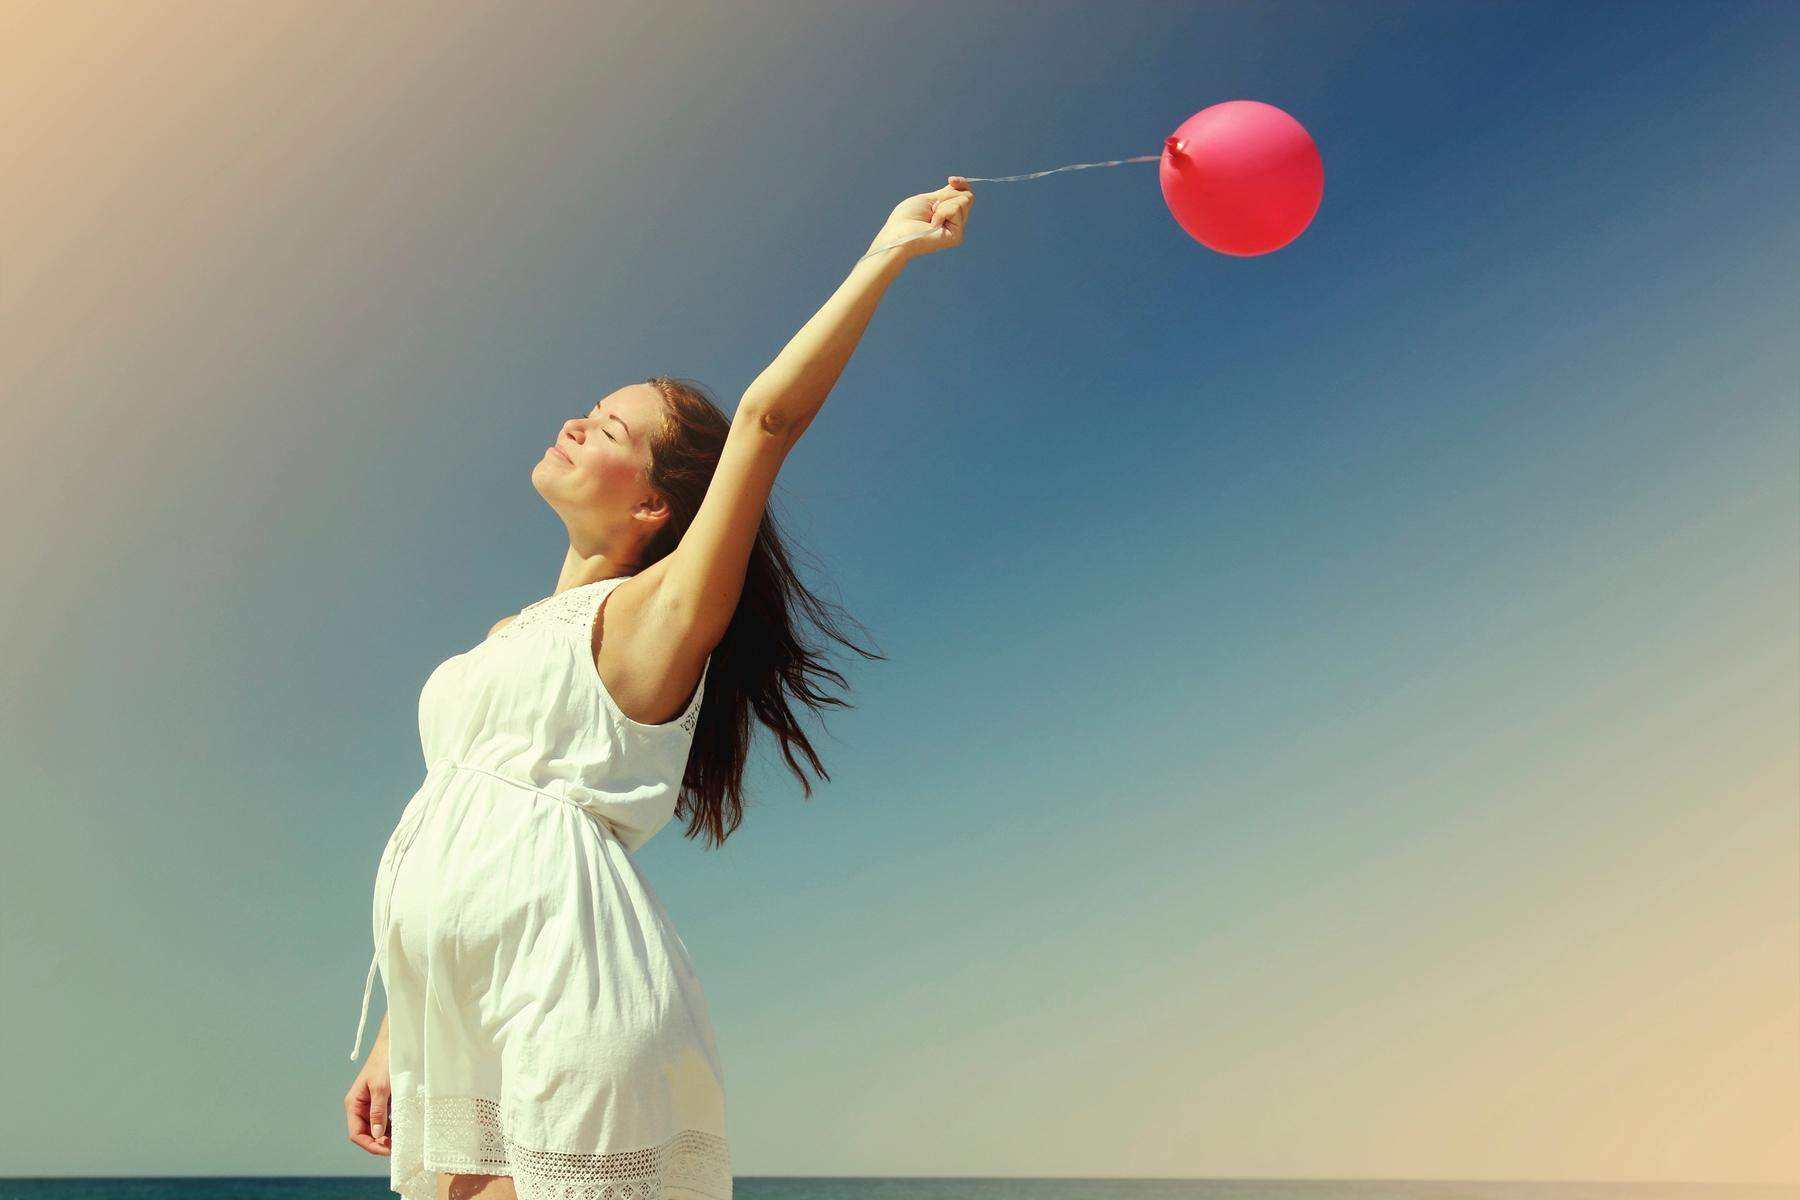 Безопасно ли женщине летать при беременности